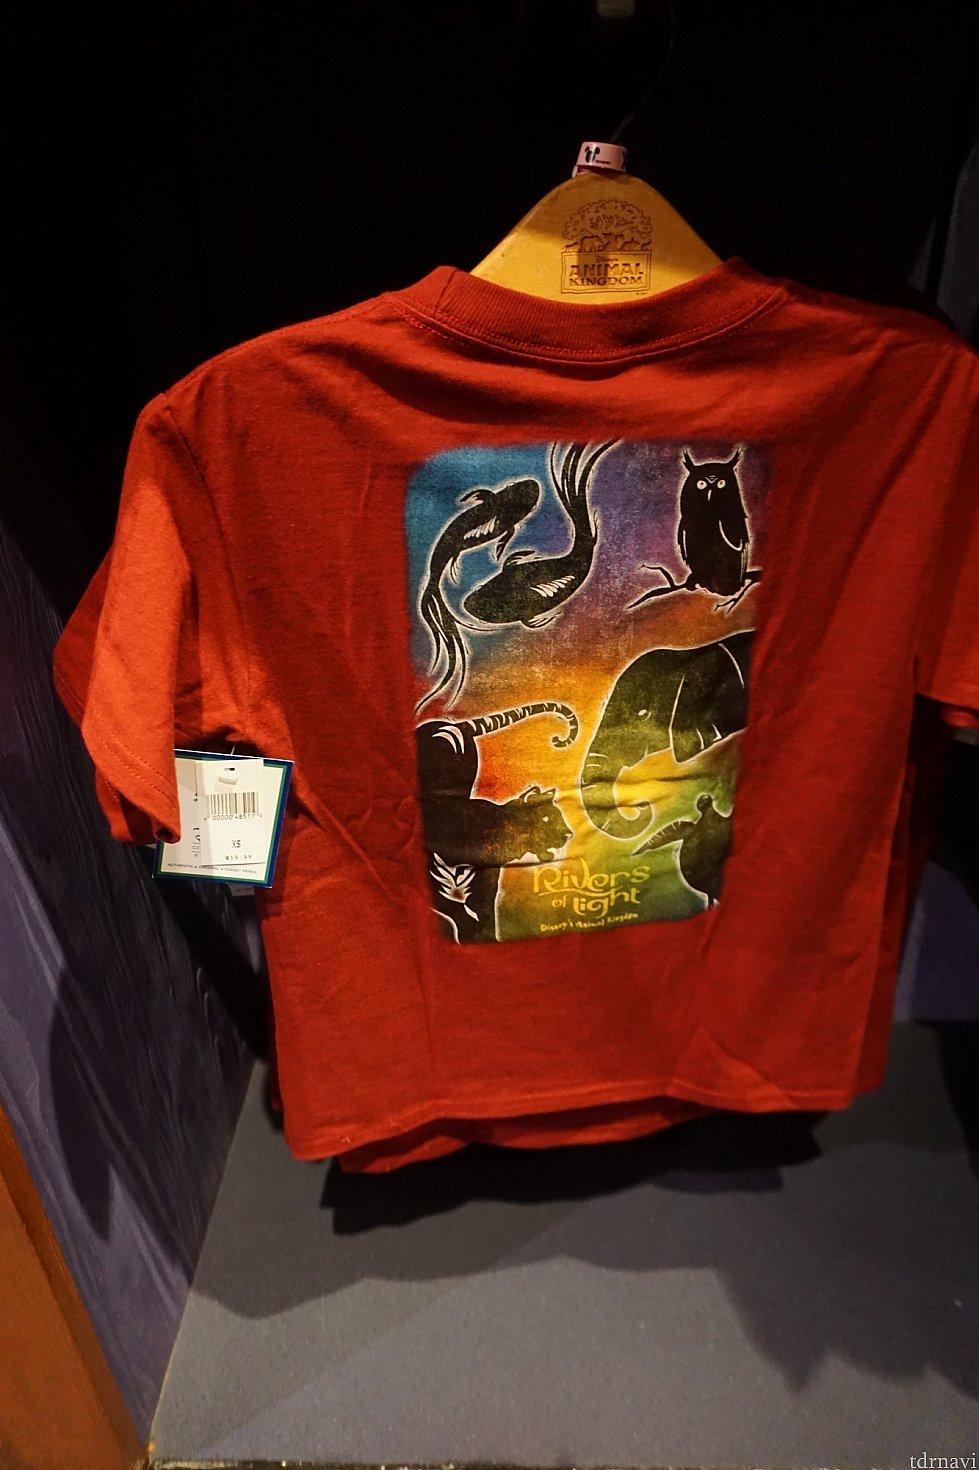 子供用のTシャツ。$19.99